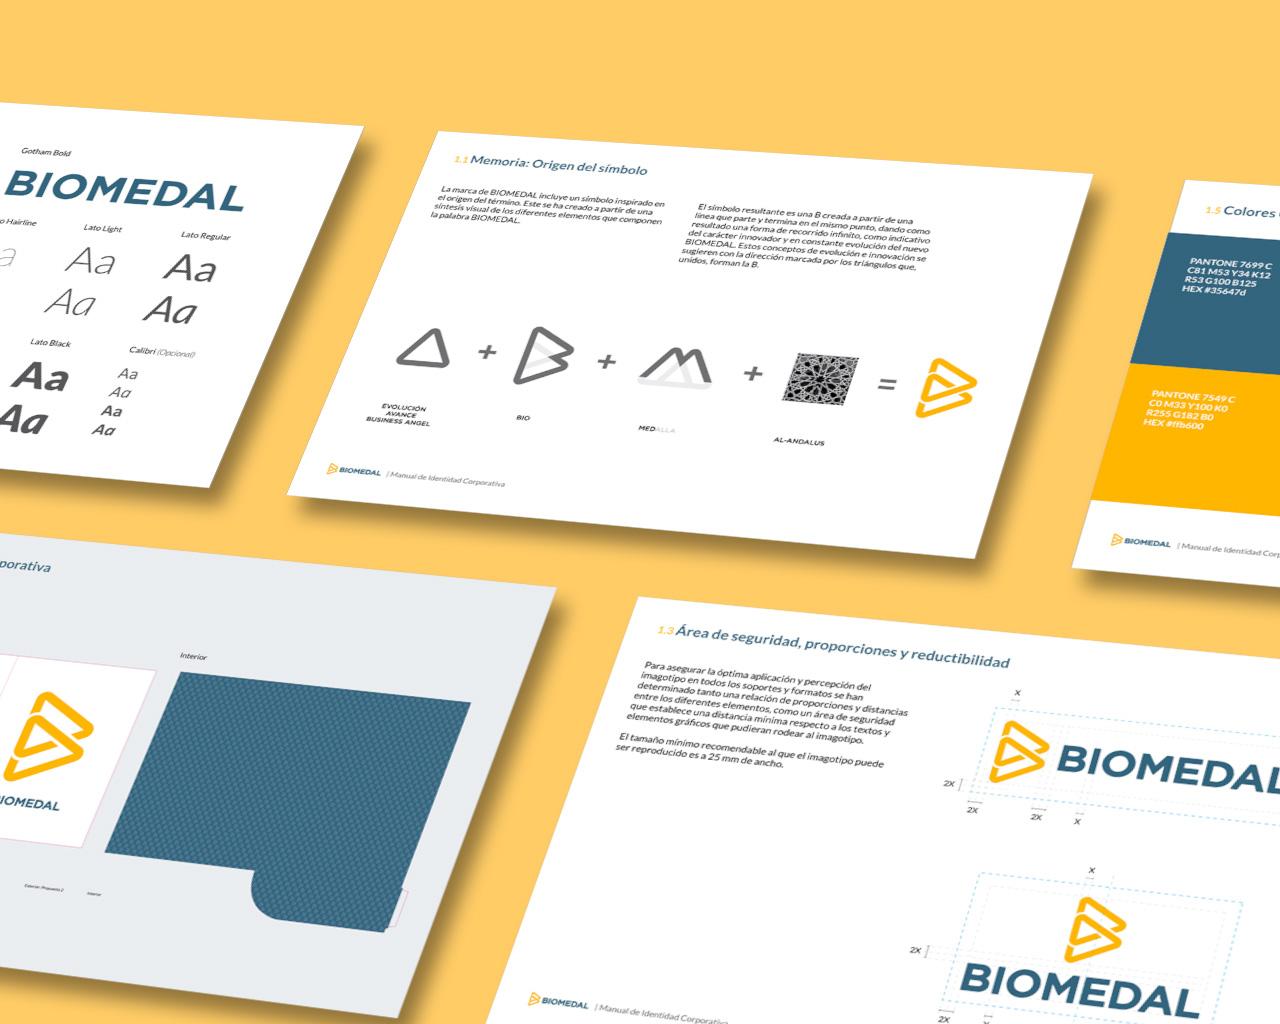 Manual de identidad corporativa de Biomedal